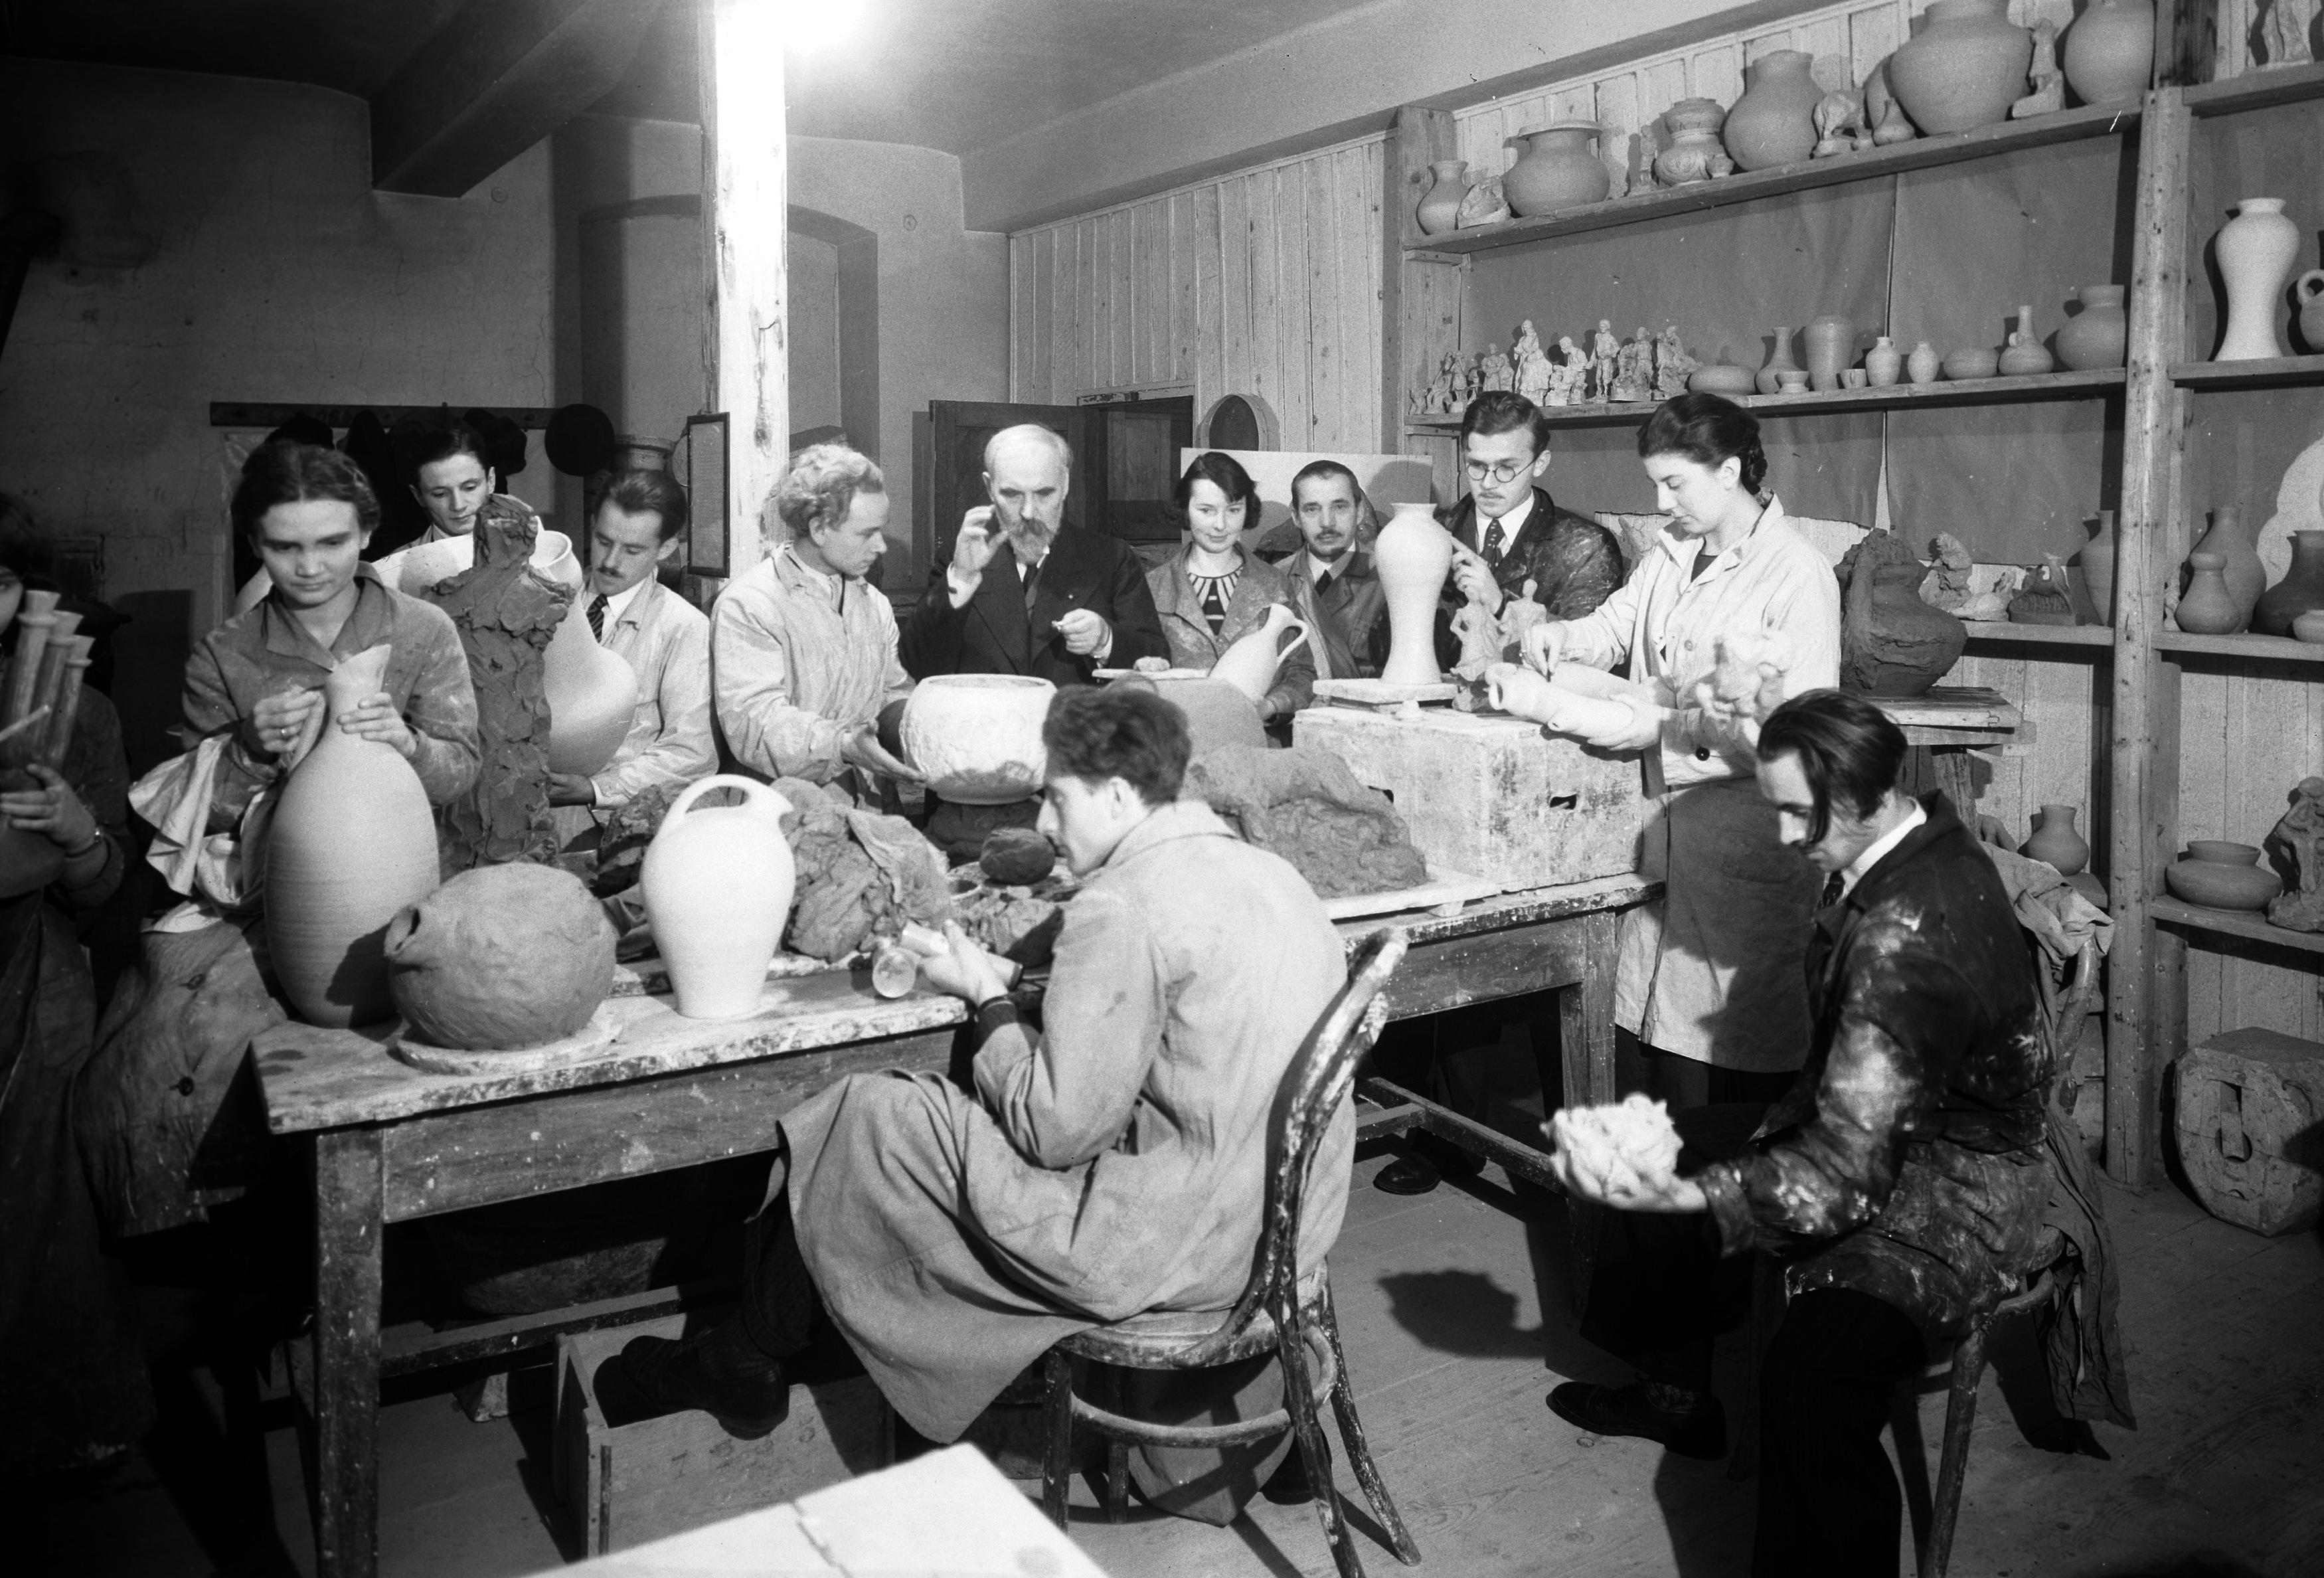 Konstanty Laszczka ze studentami, Pracownia ceramiki ASP Kraków, 1933 rok, źródło: Narodowe Archiwum Cyfrowe